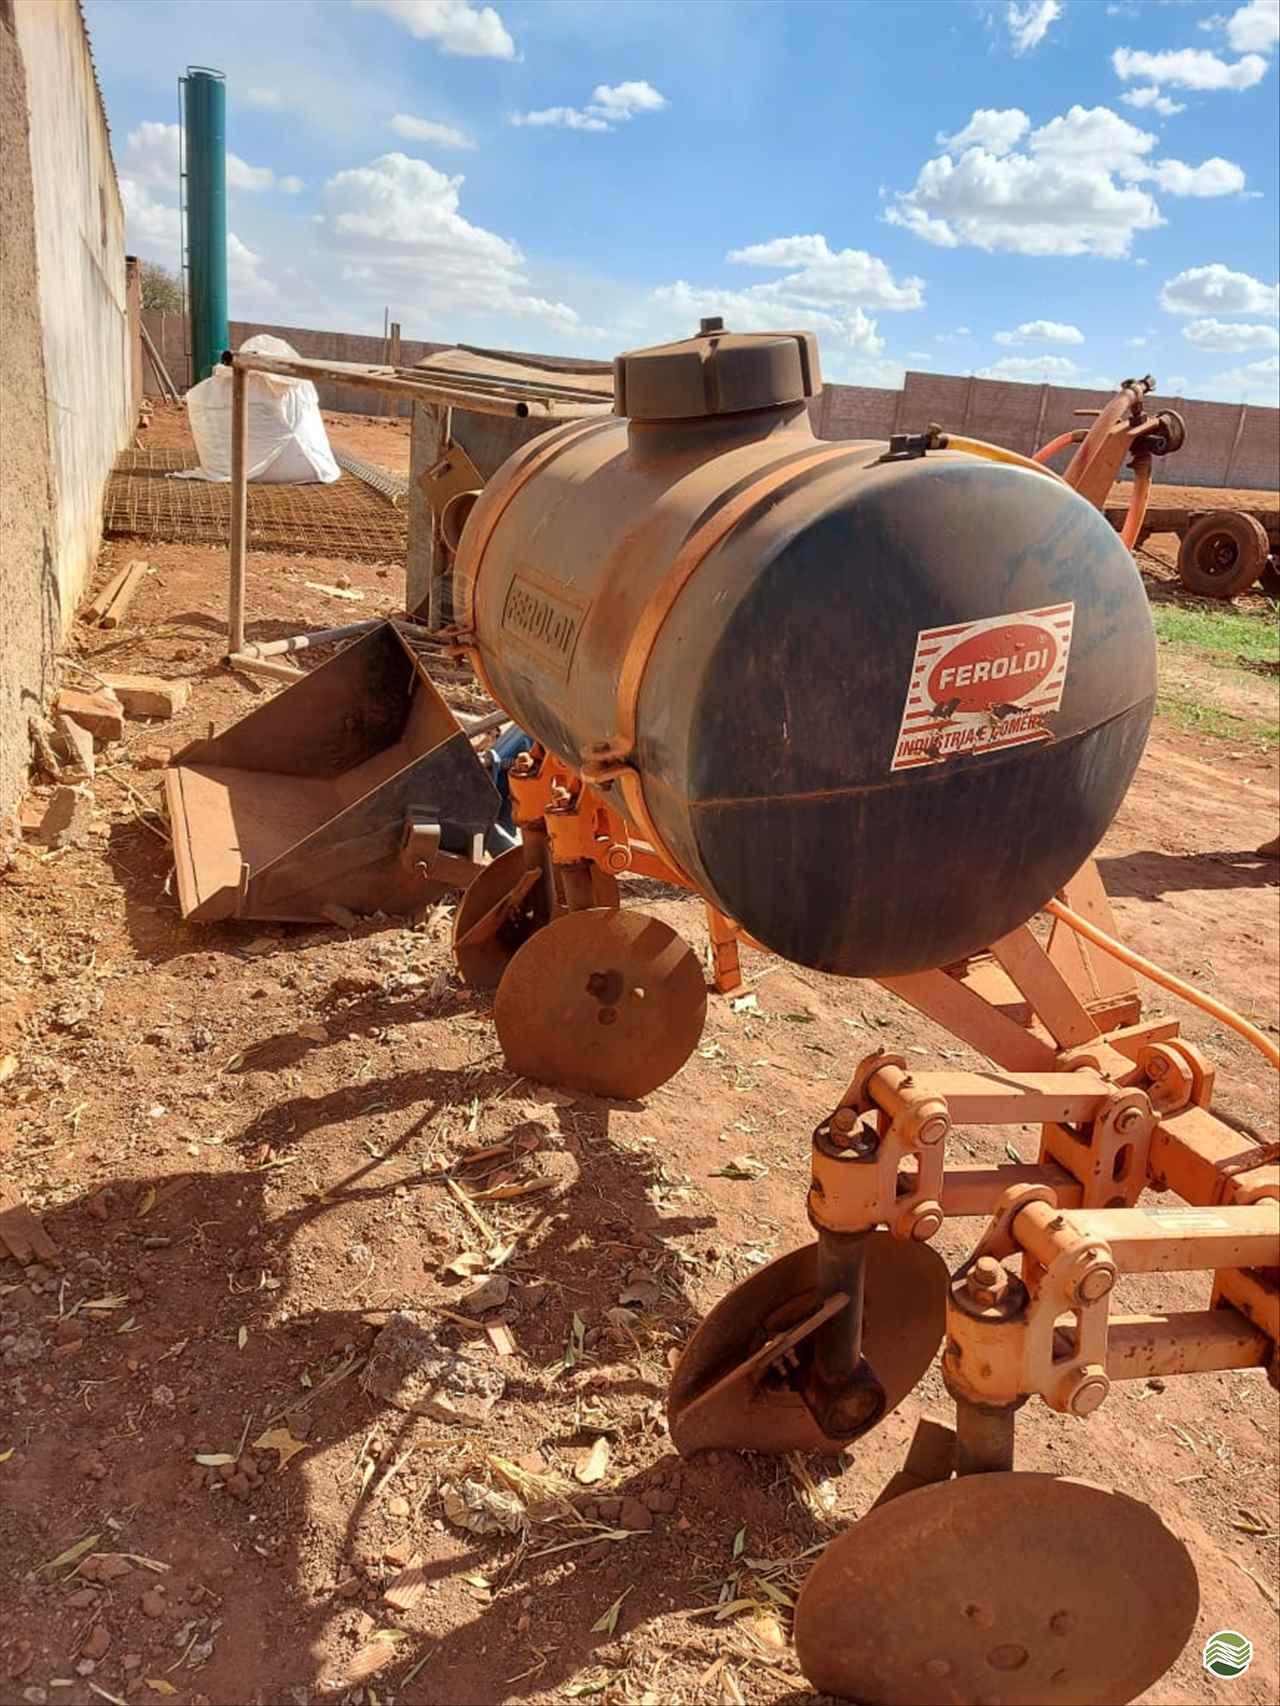 IMPLEMENTOS AGRICOLAS CULTIVADOR 2 LINHAS Terra Santa Implementos Agrícolas BEBEDOURO SÃO PAULO SP